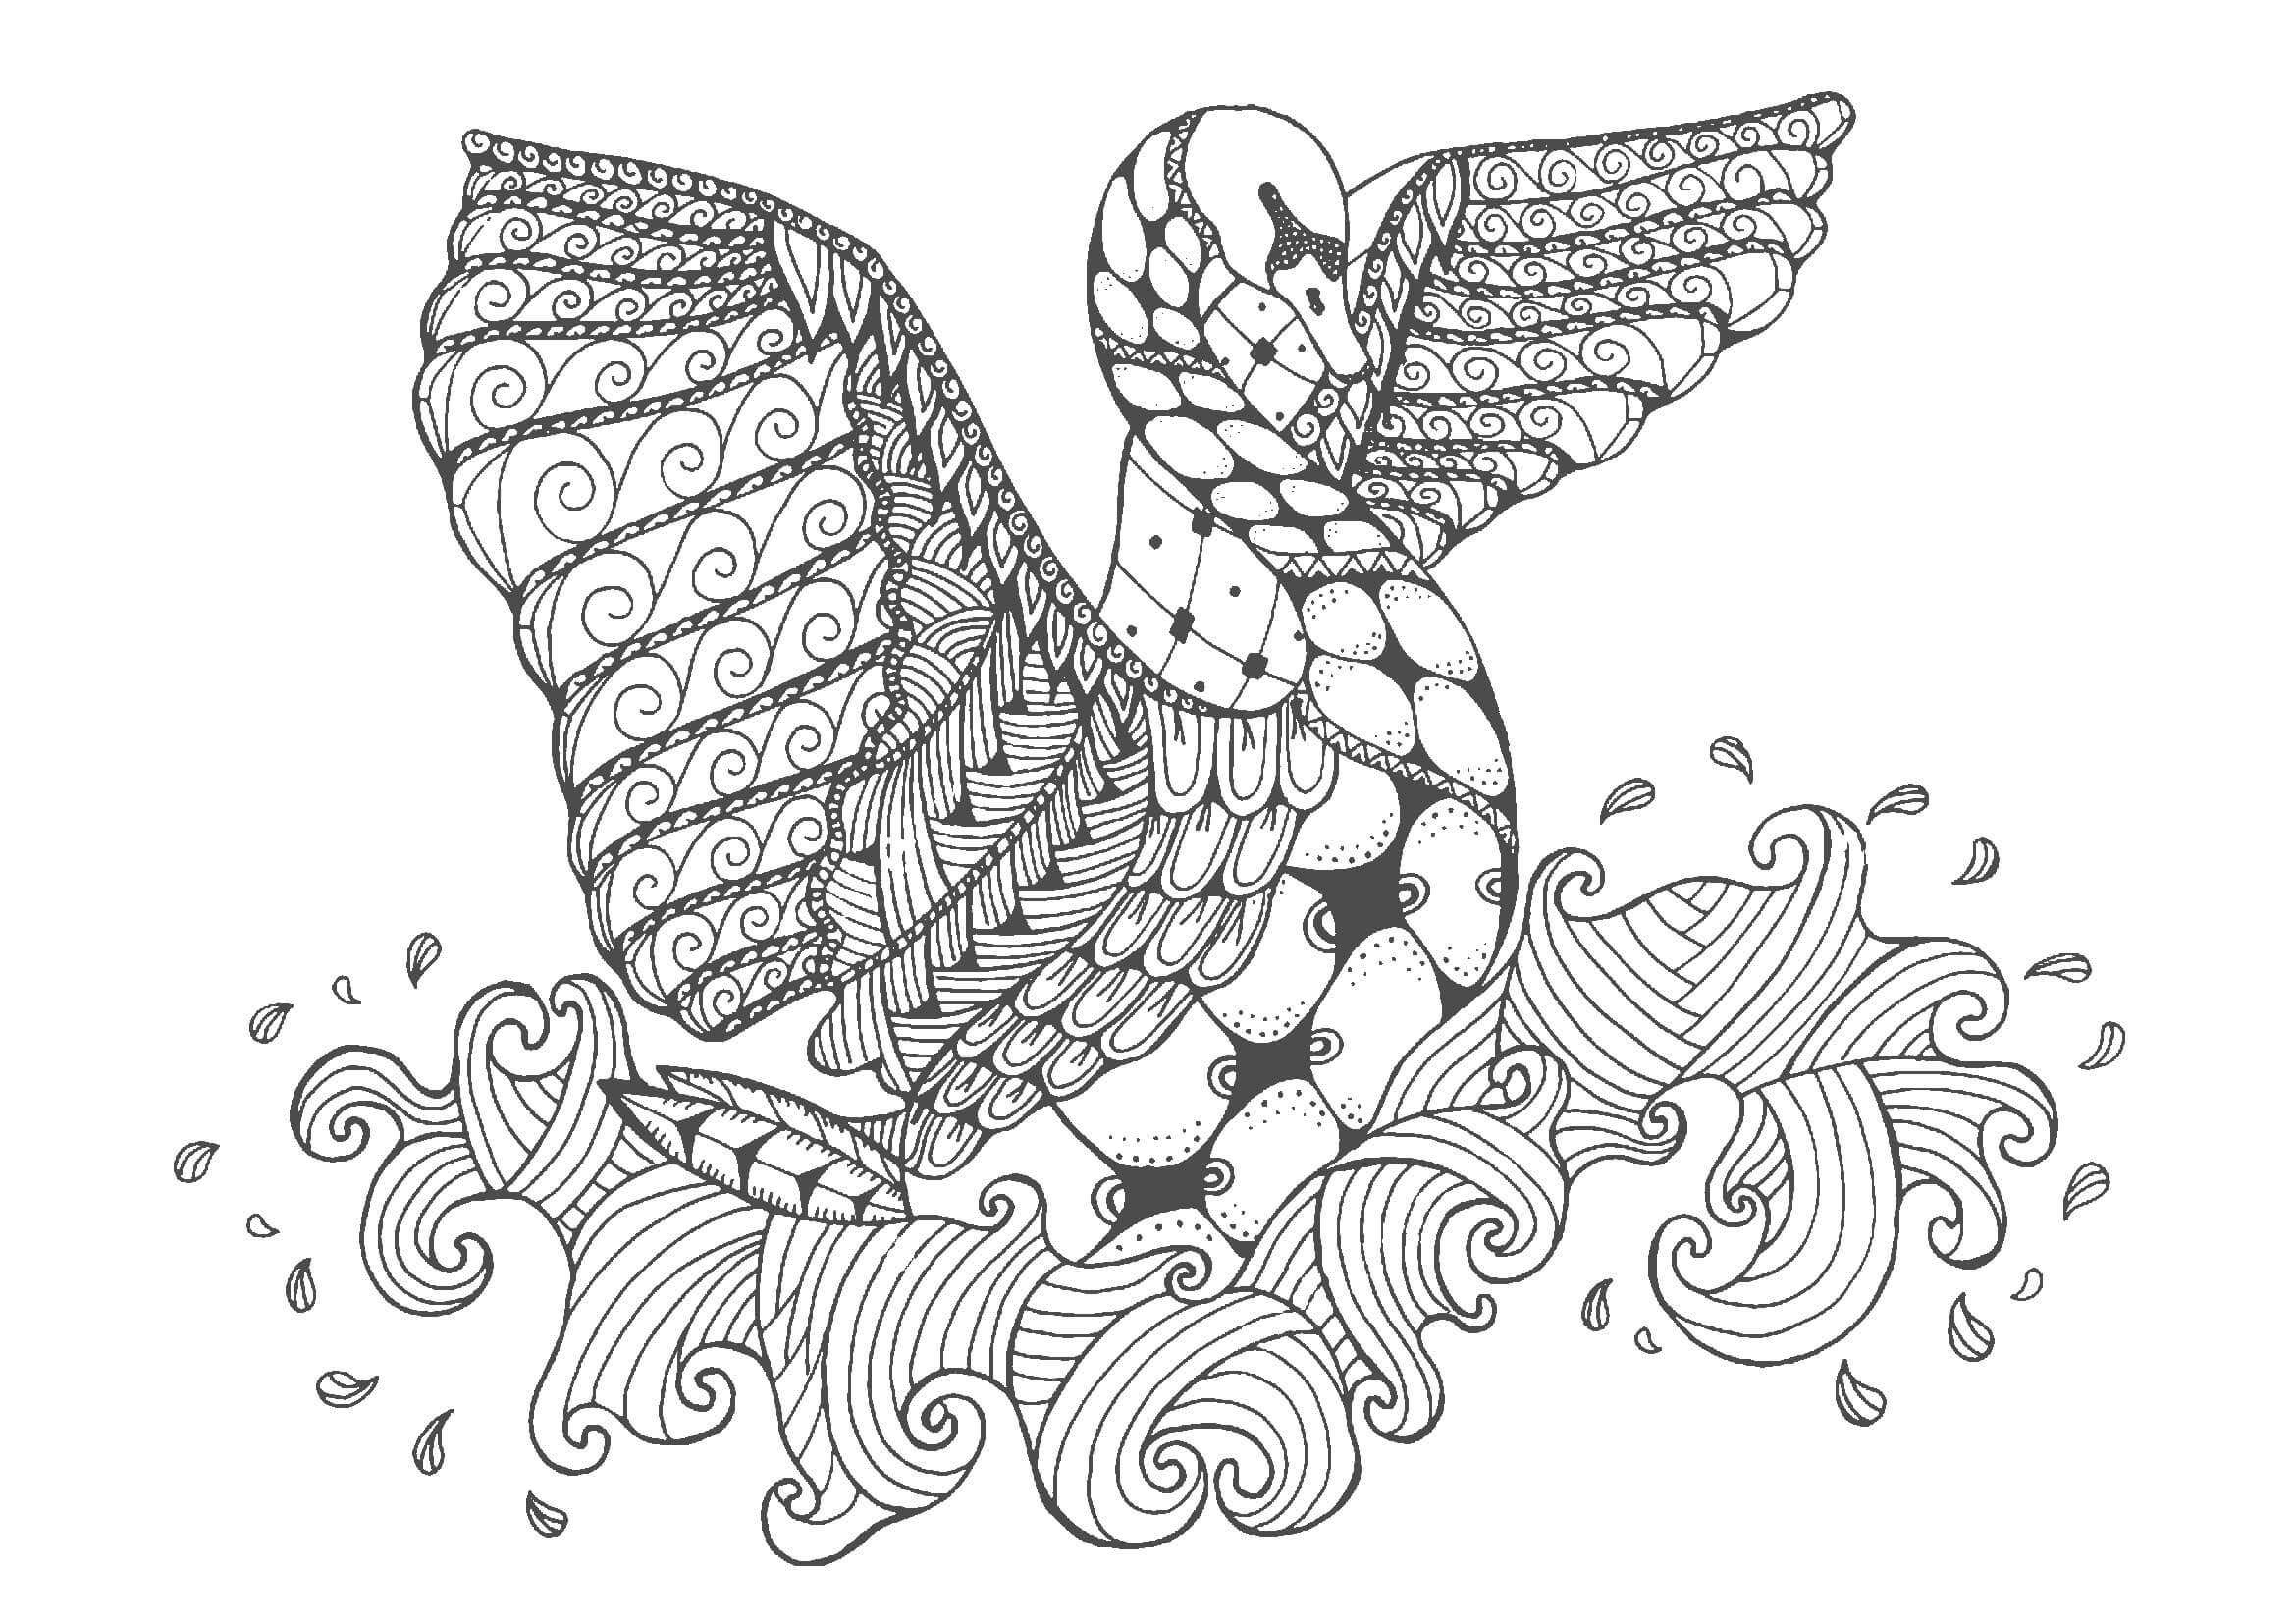 白鳥01-A4無料印刷の大人のぬりえ